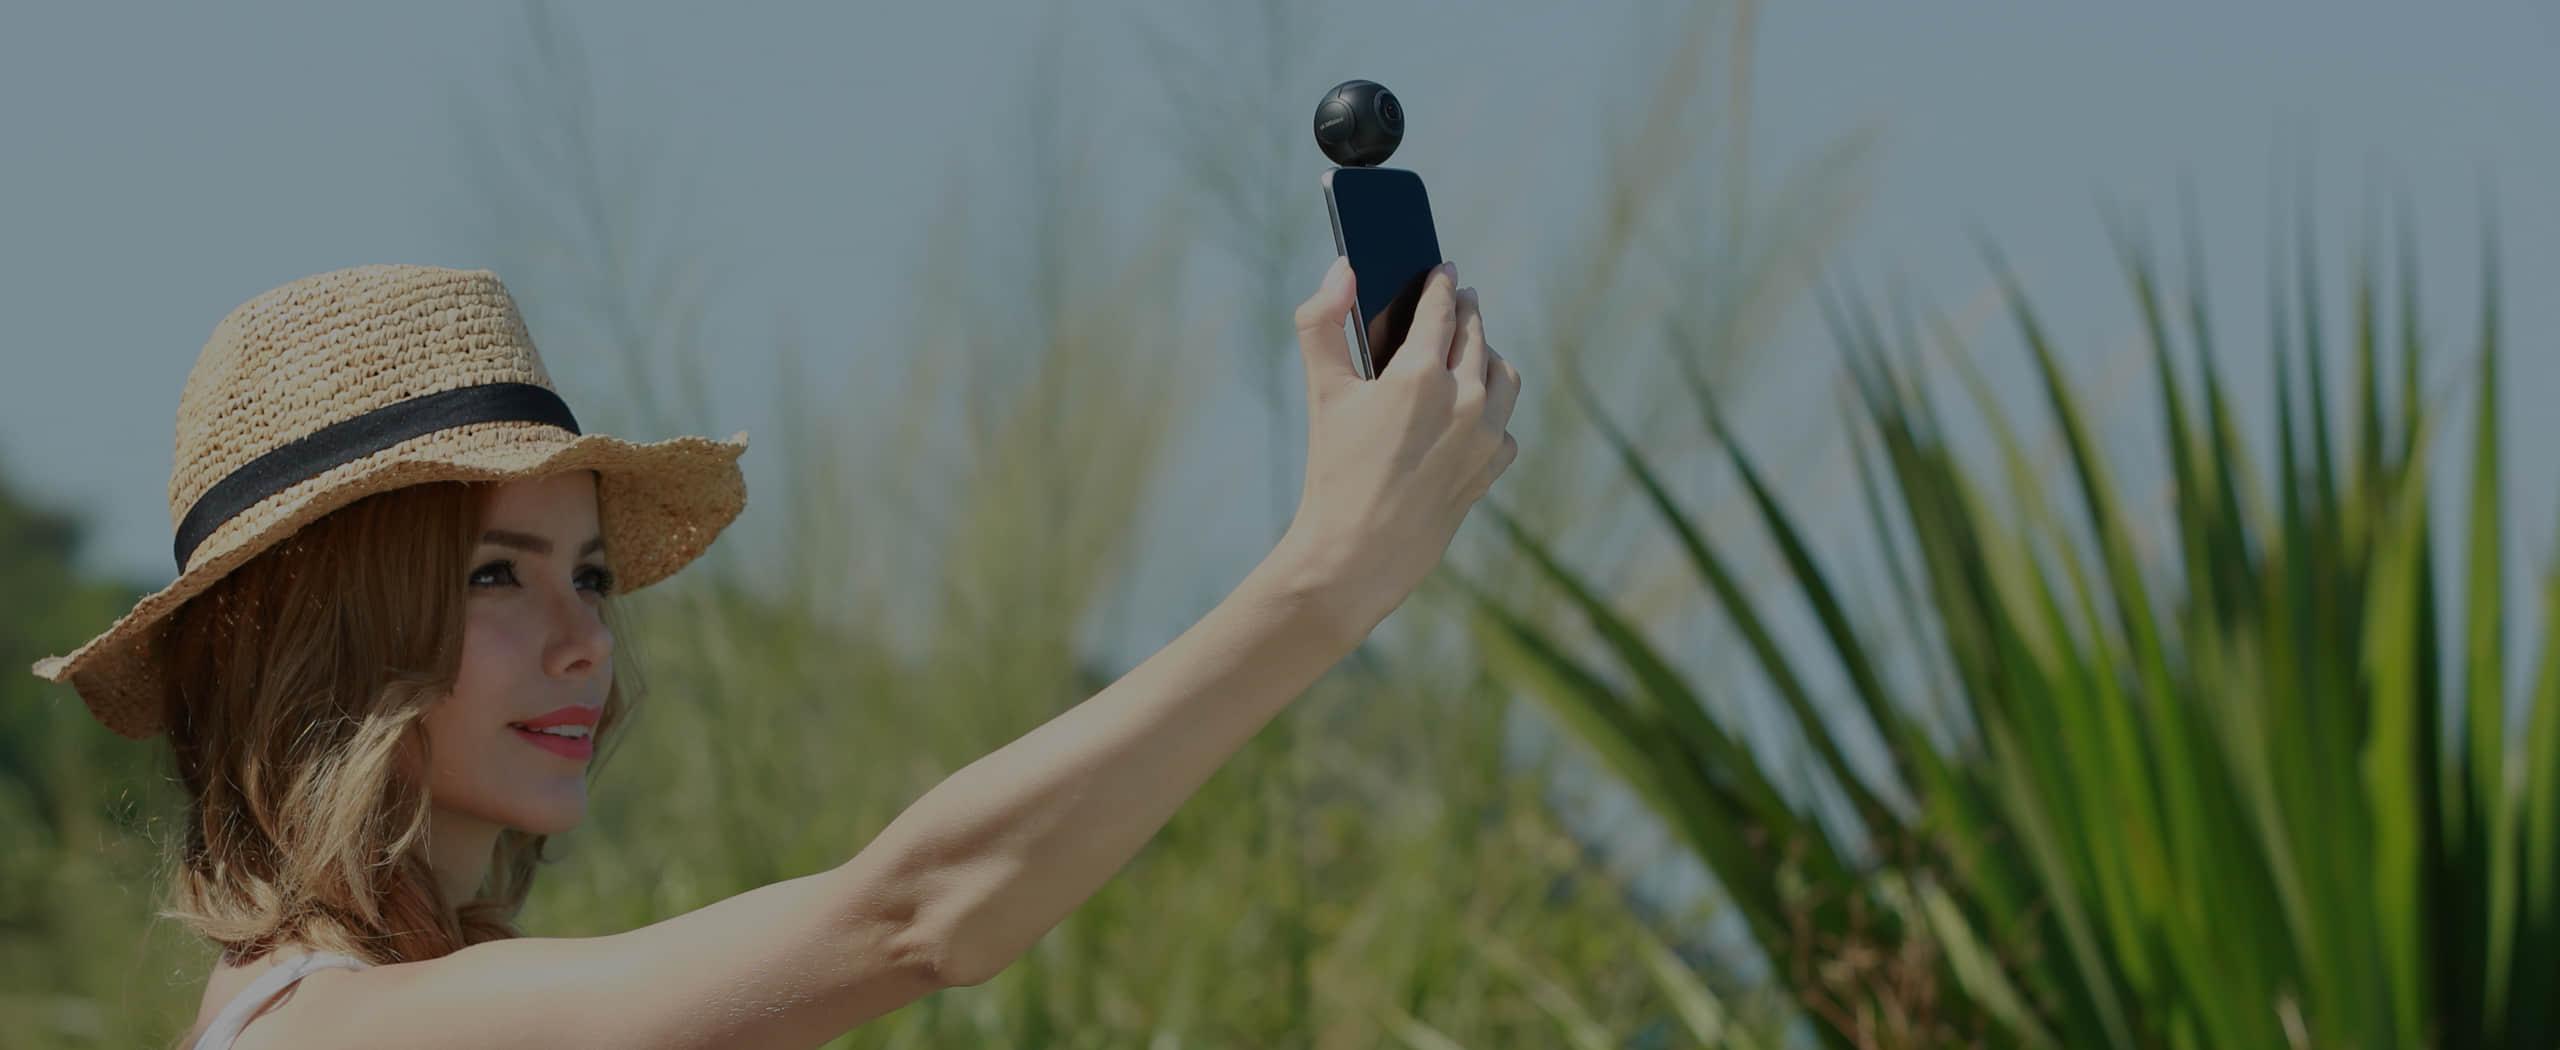 Honor VR Camera, czyli unikalny pomysł na kamerę 360 od Huawei. To może się udać